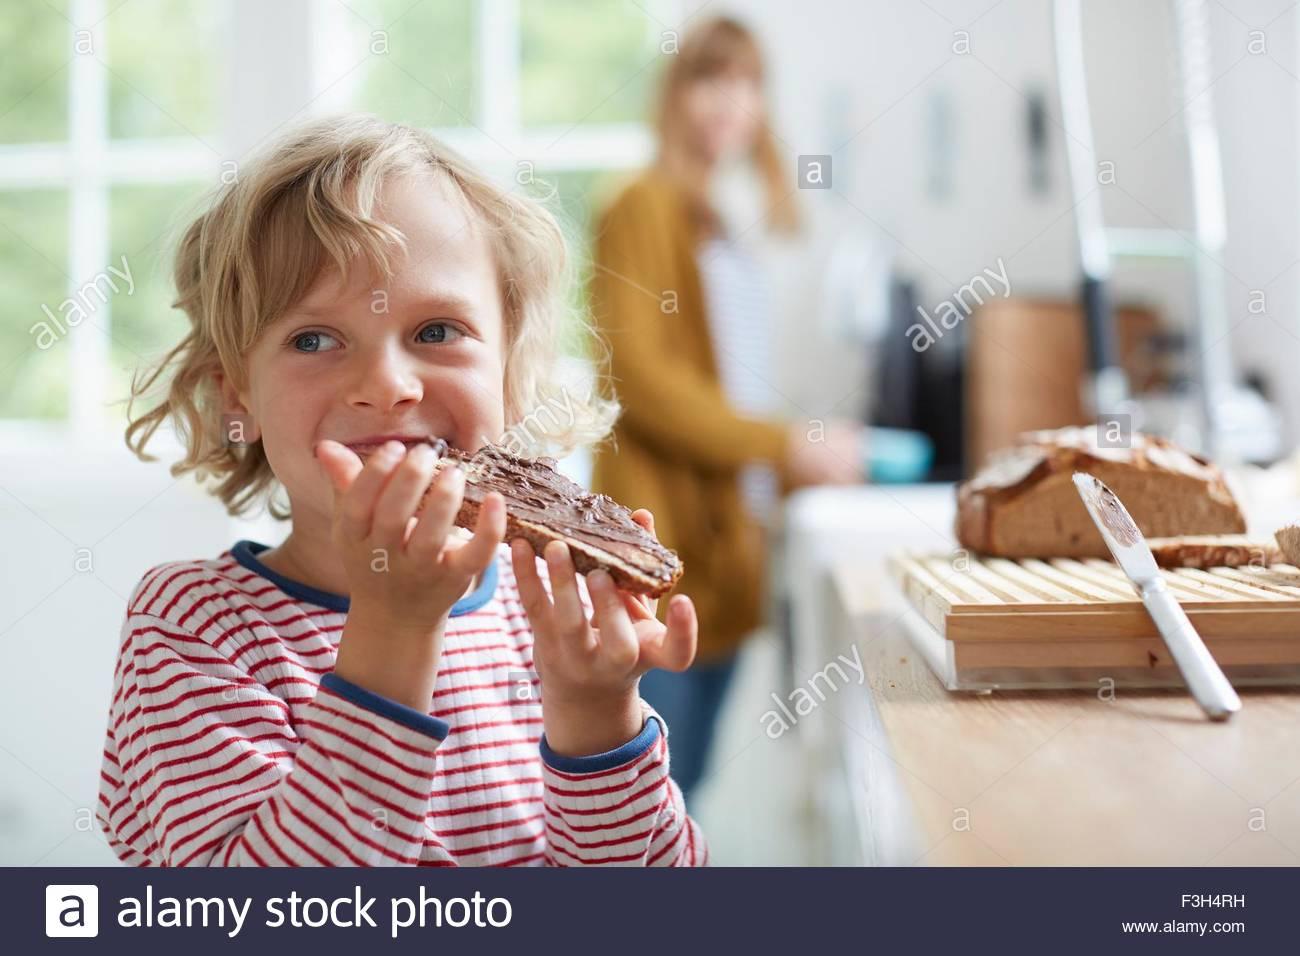 Kleiner Junge essen Brot mit Schokolade zu verbreiten, Mutter im Hintergrund Stockbild